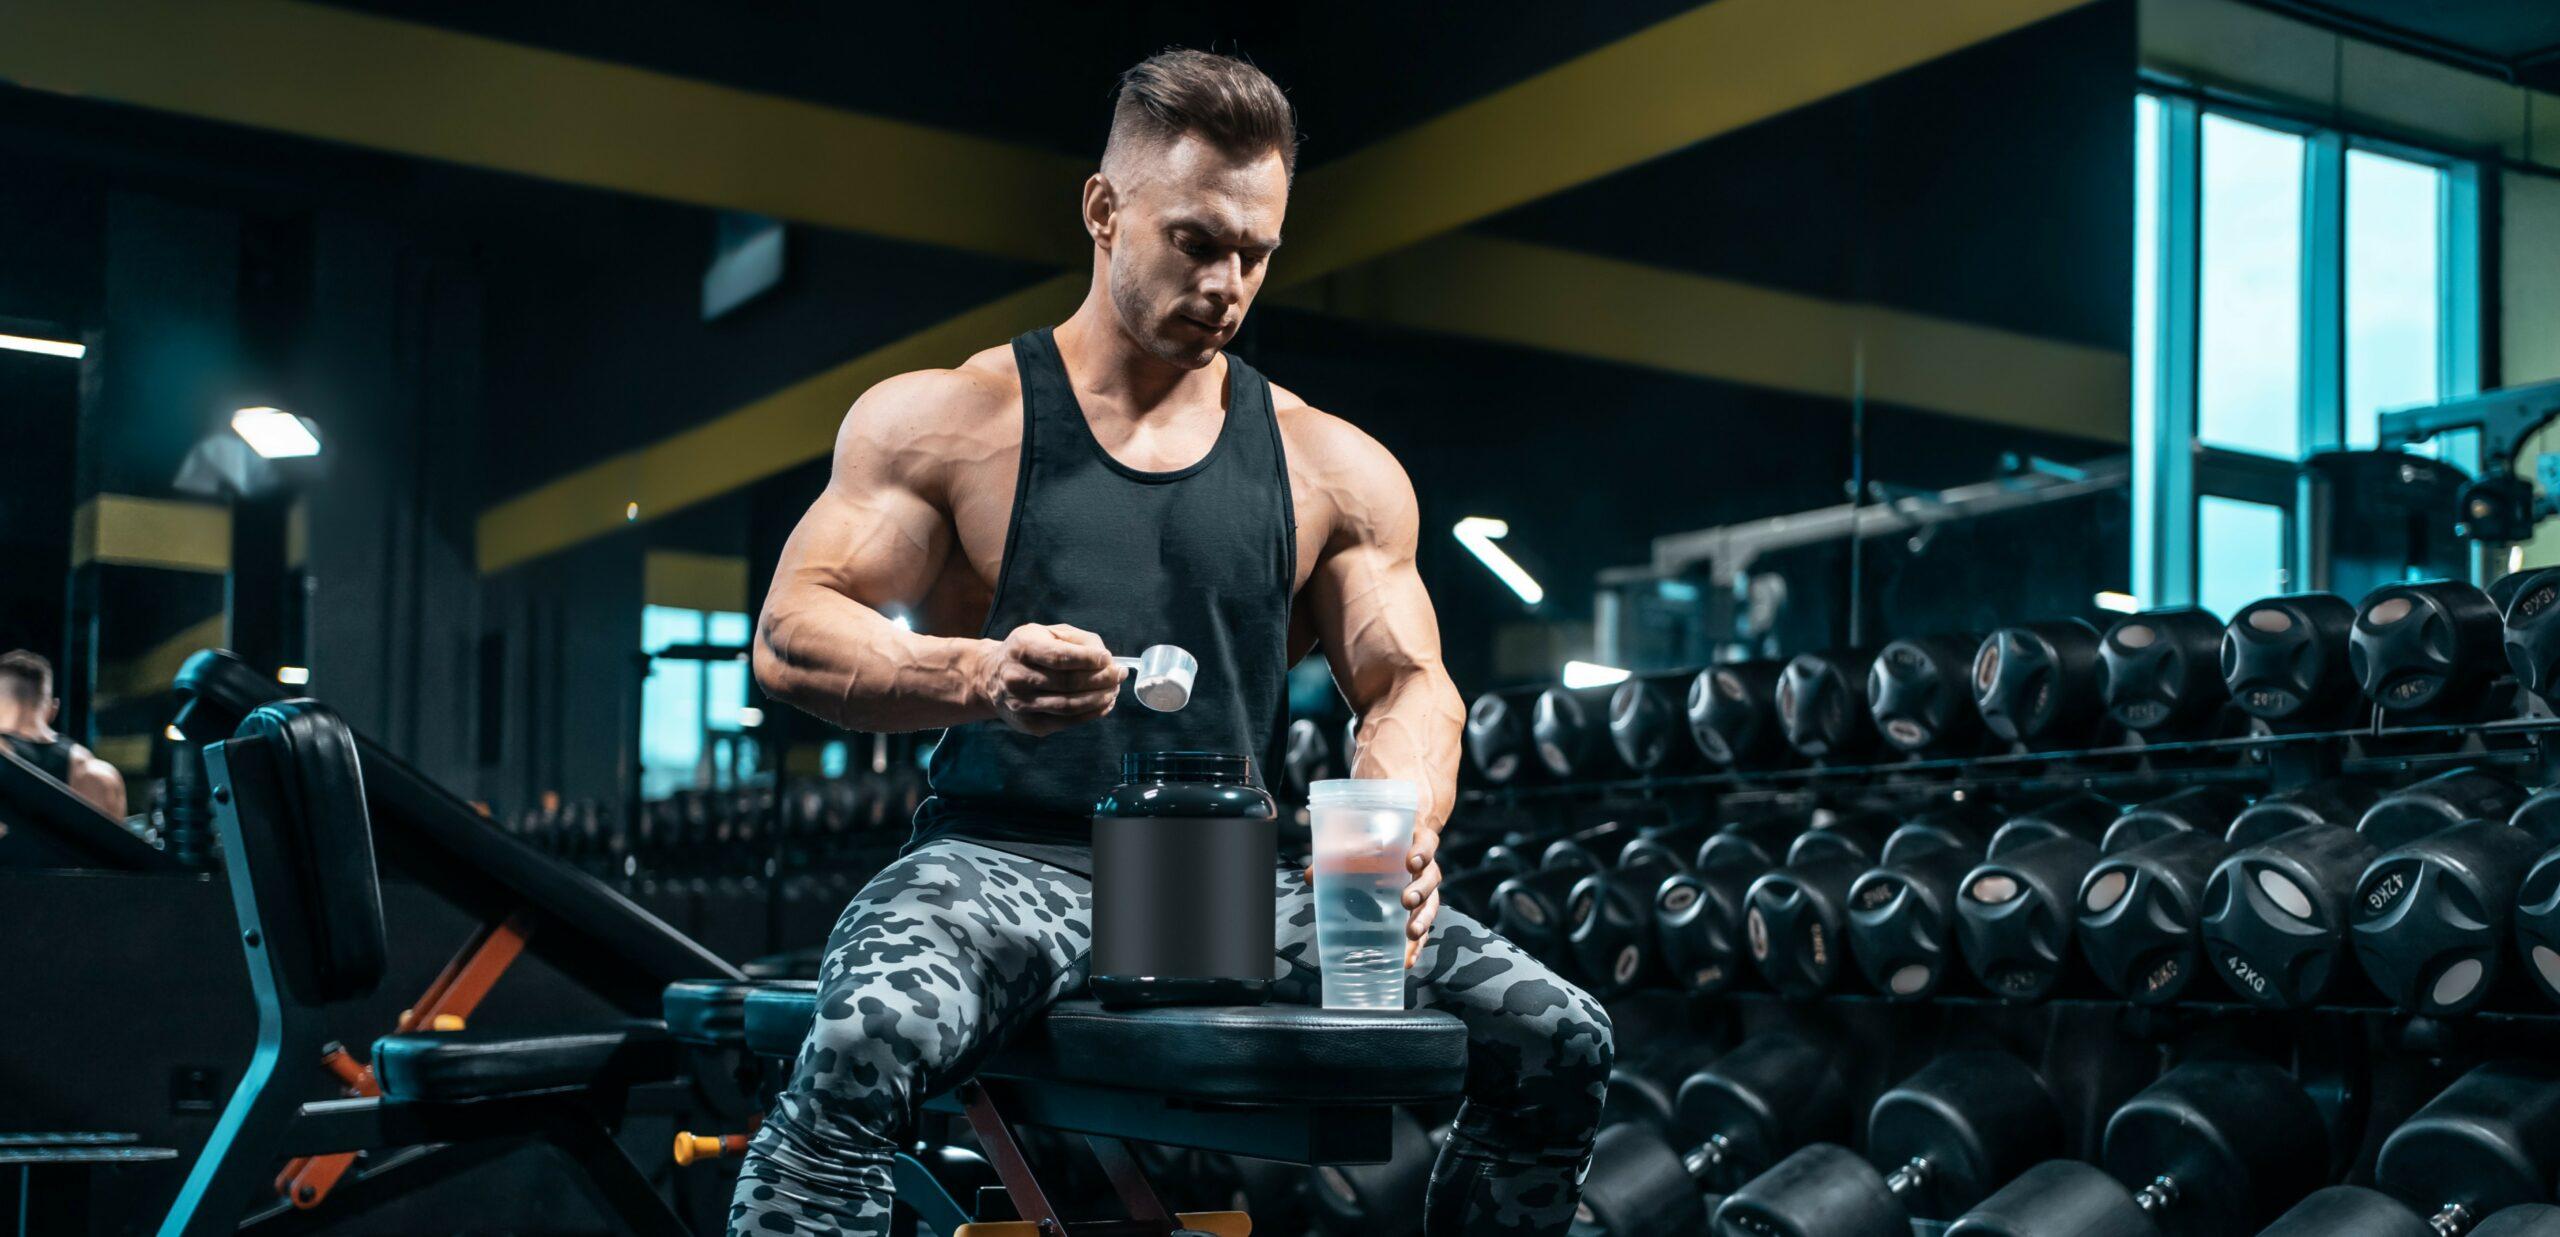 proteine isolate bodybuilding come utilizzarle